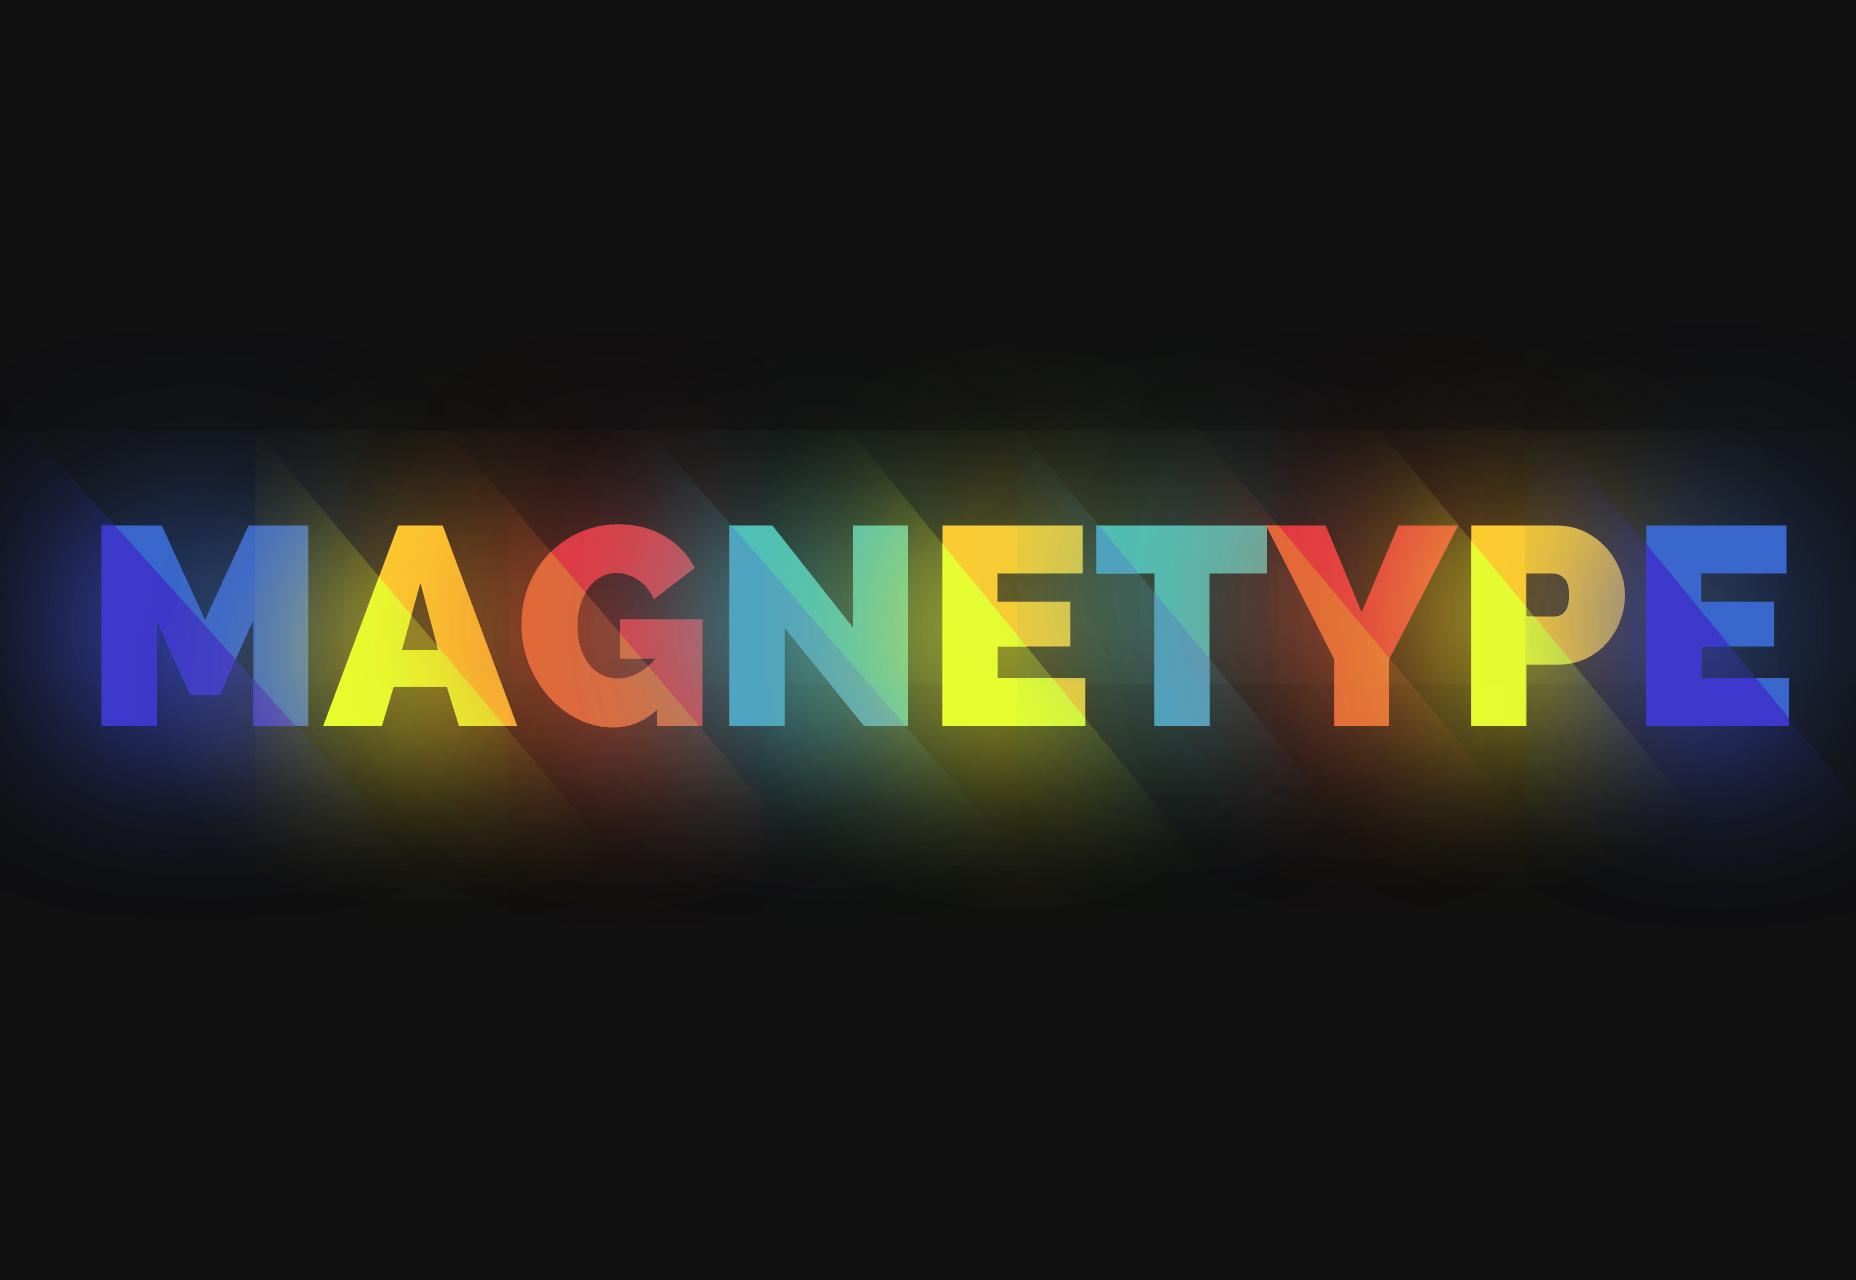 Magnetype: efecto de texto brillante y animación